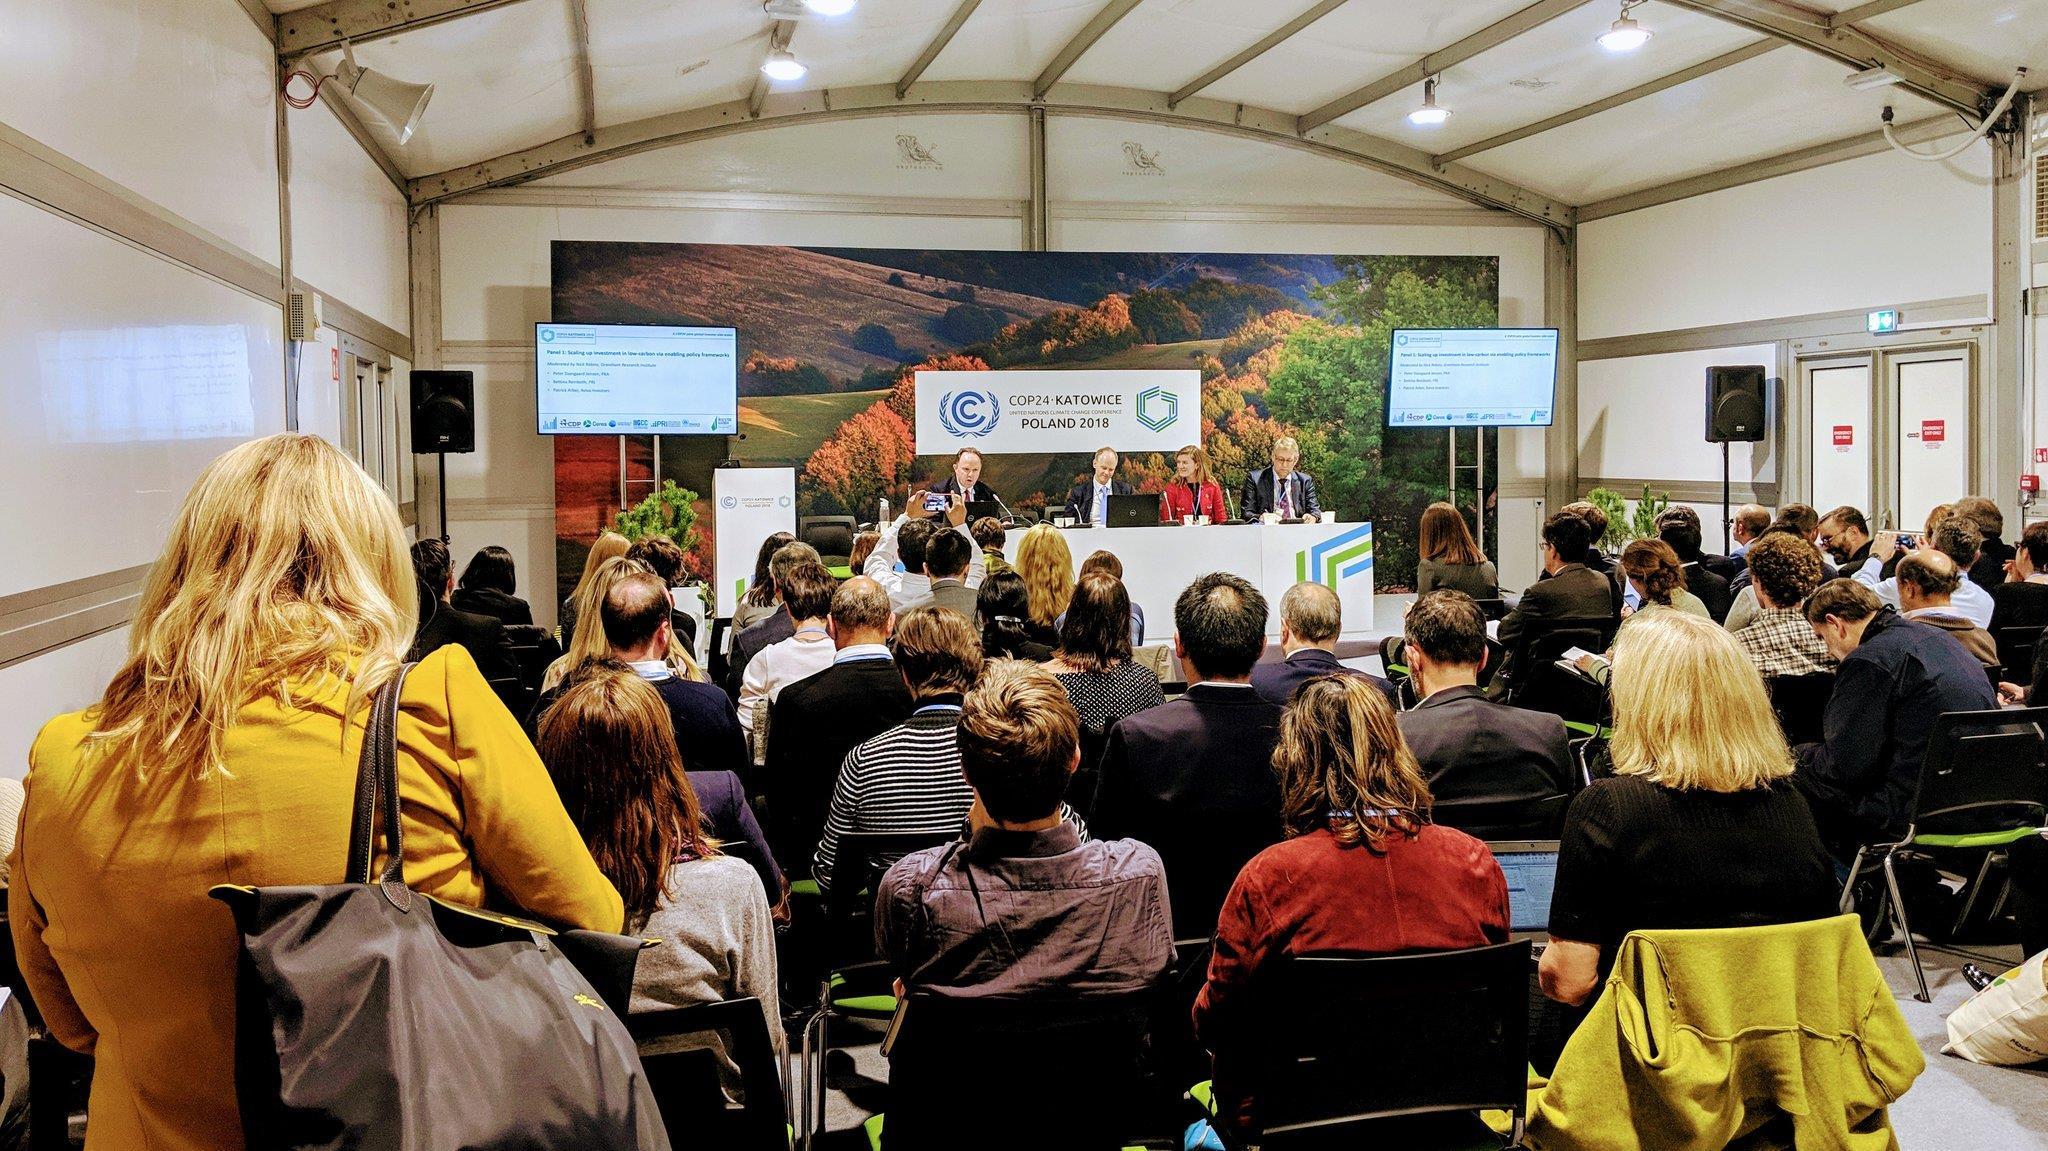 全球415位投资商呼吁各国加强自主贡献应对气候变化